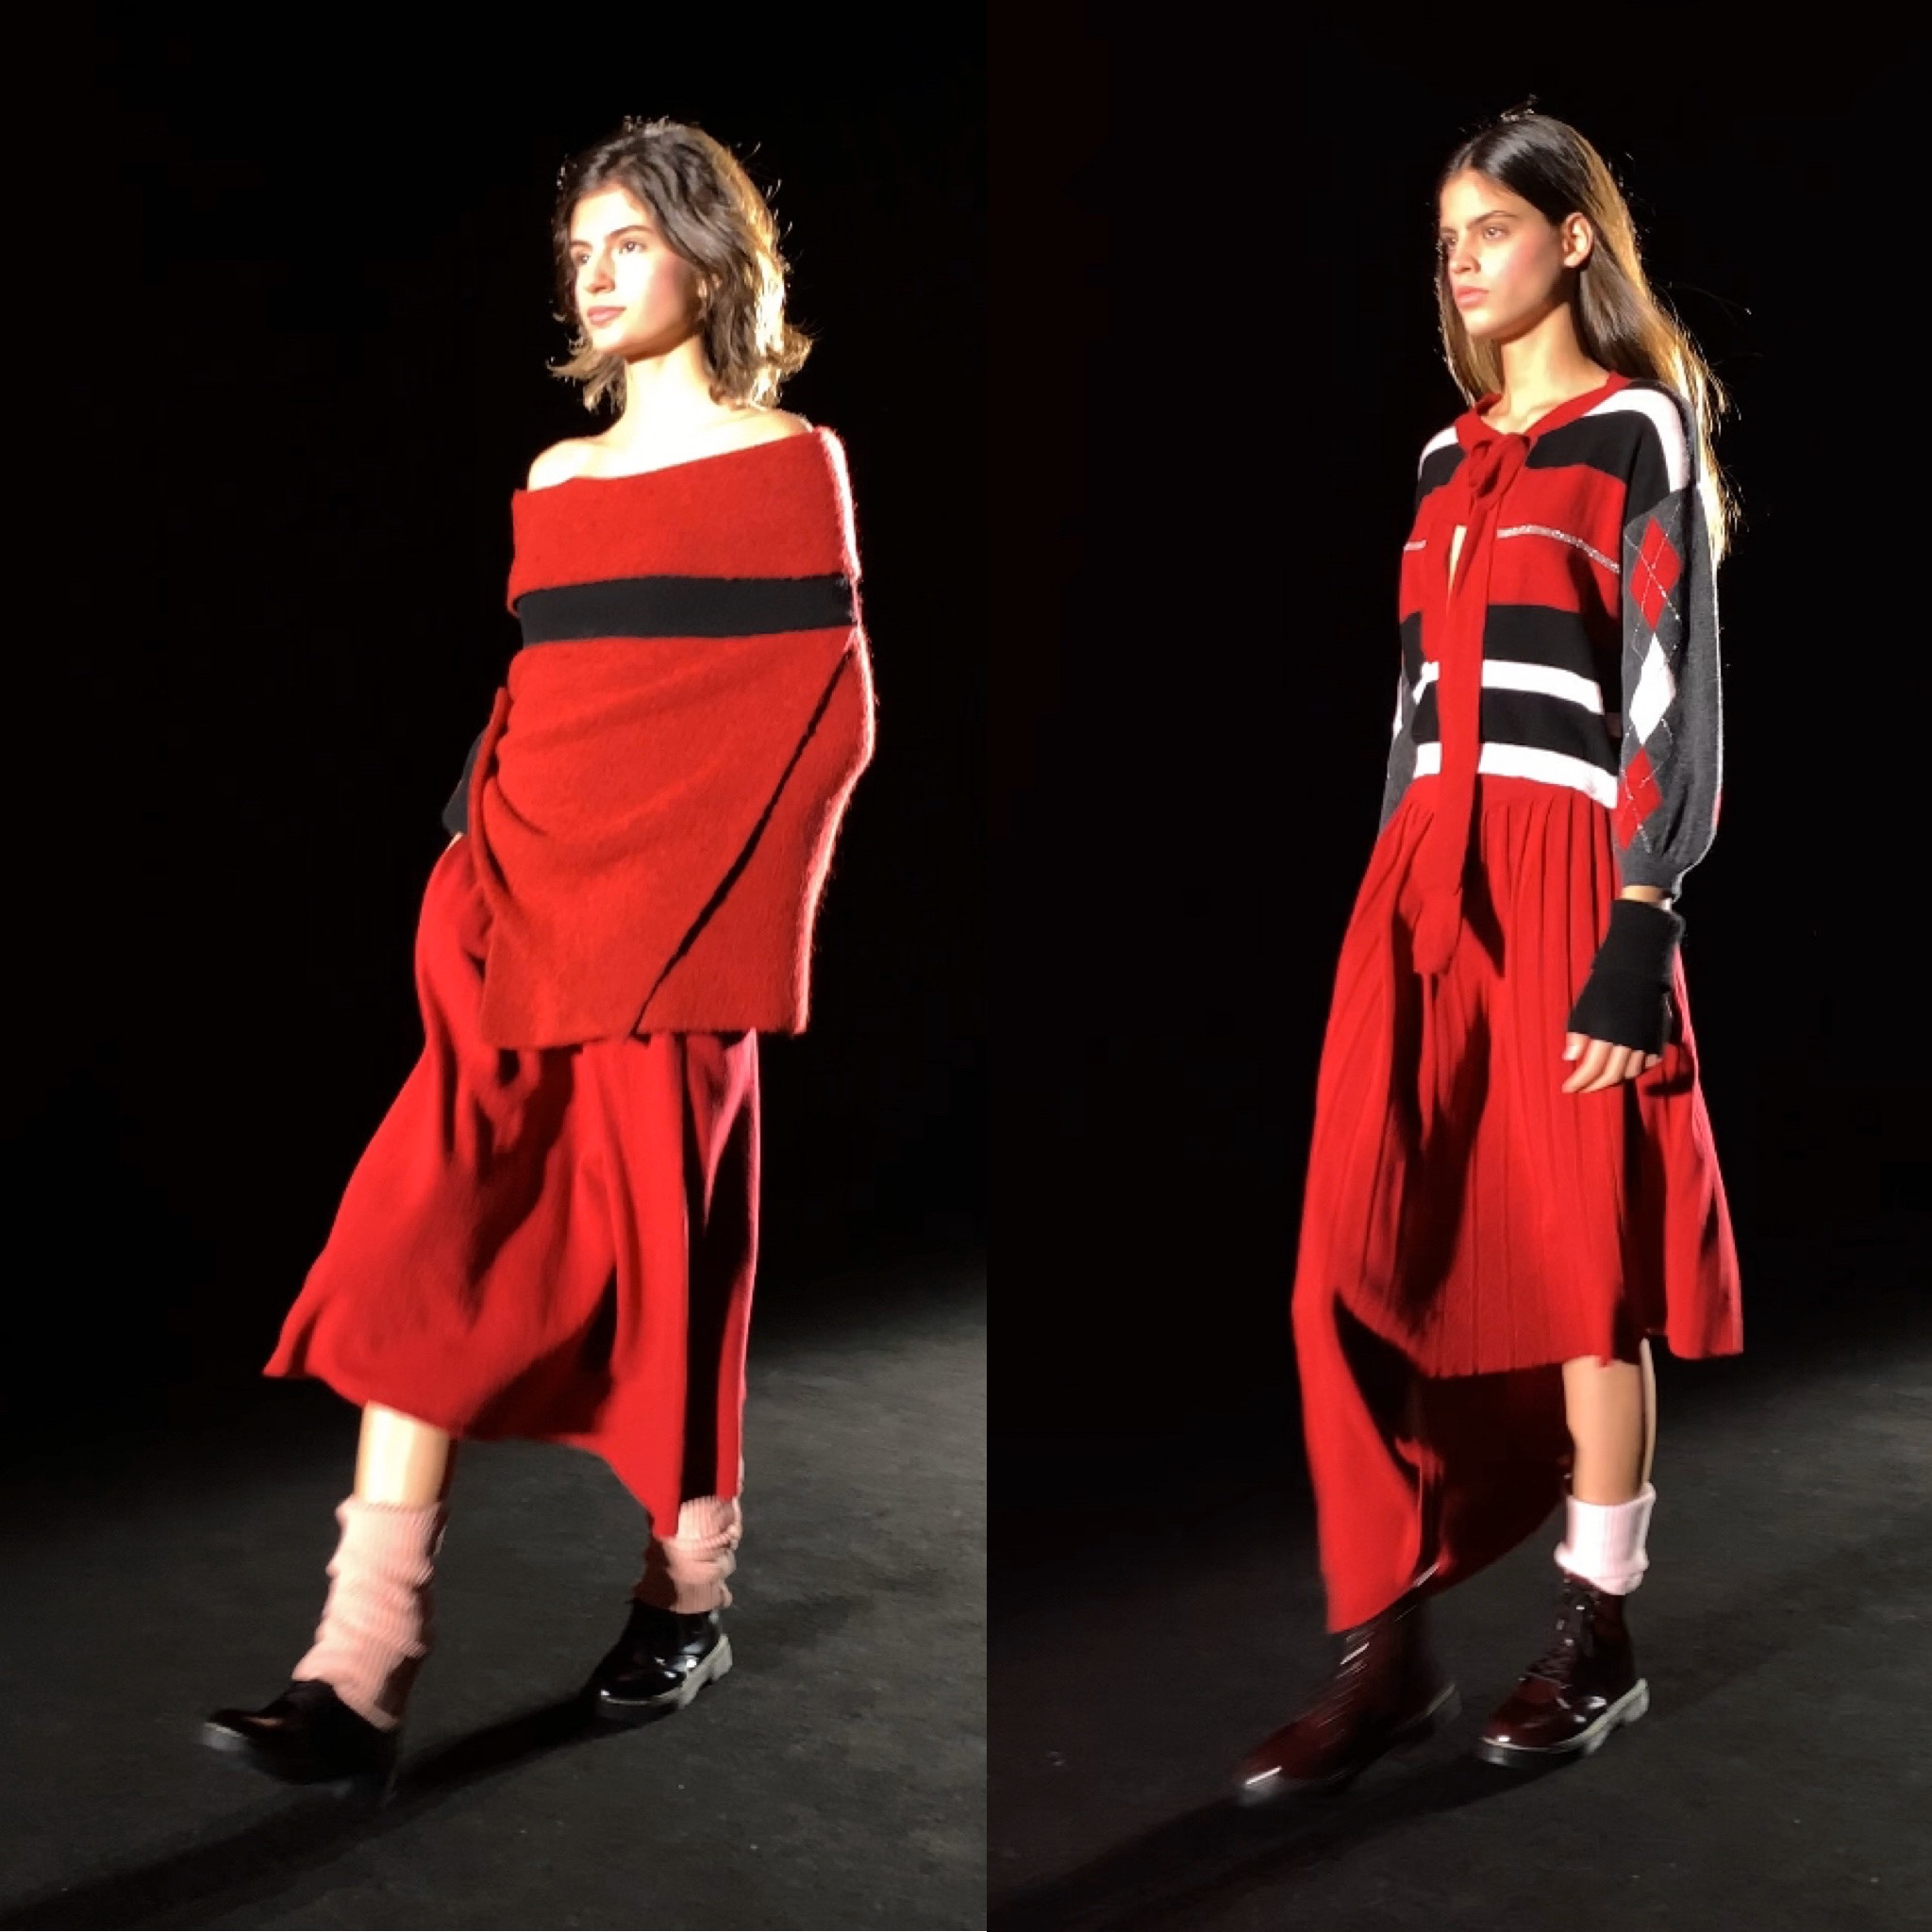 080-bcn-fashion-whynot-shopper-redactora-style-tendencias-pasarela-eiko-ai-vu-barcelona-joaquin-verdu-diseñadores